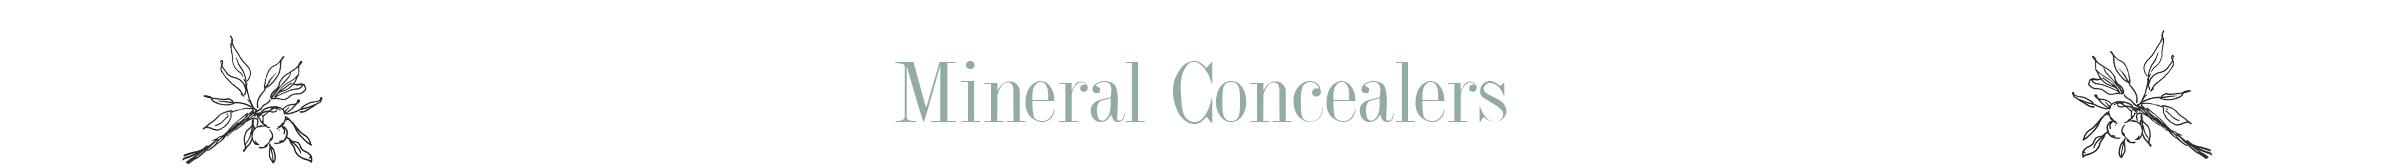 mineralconcealer.png